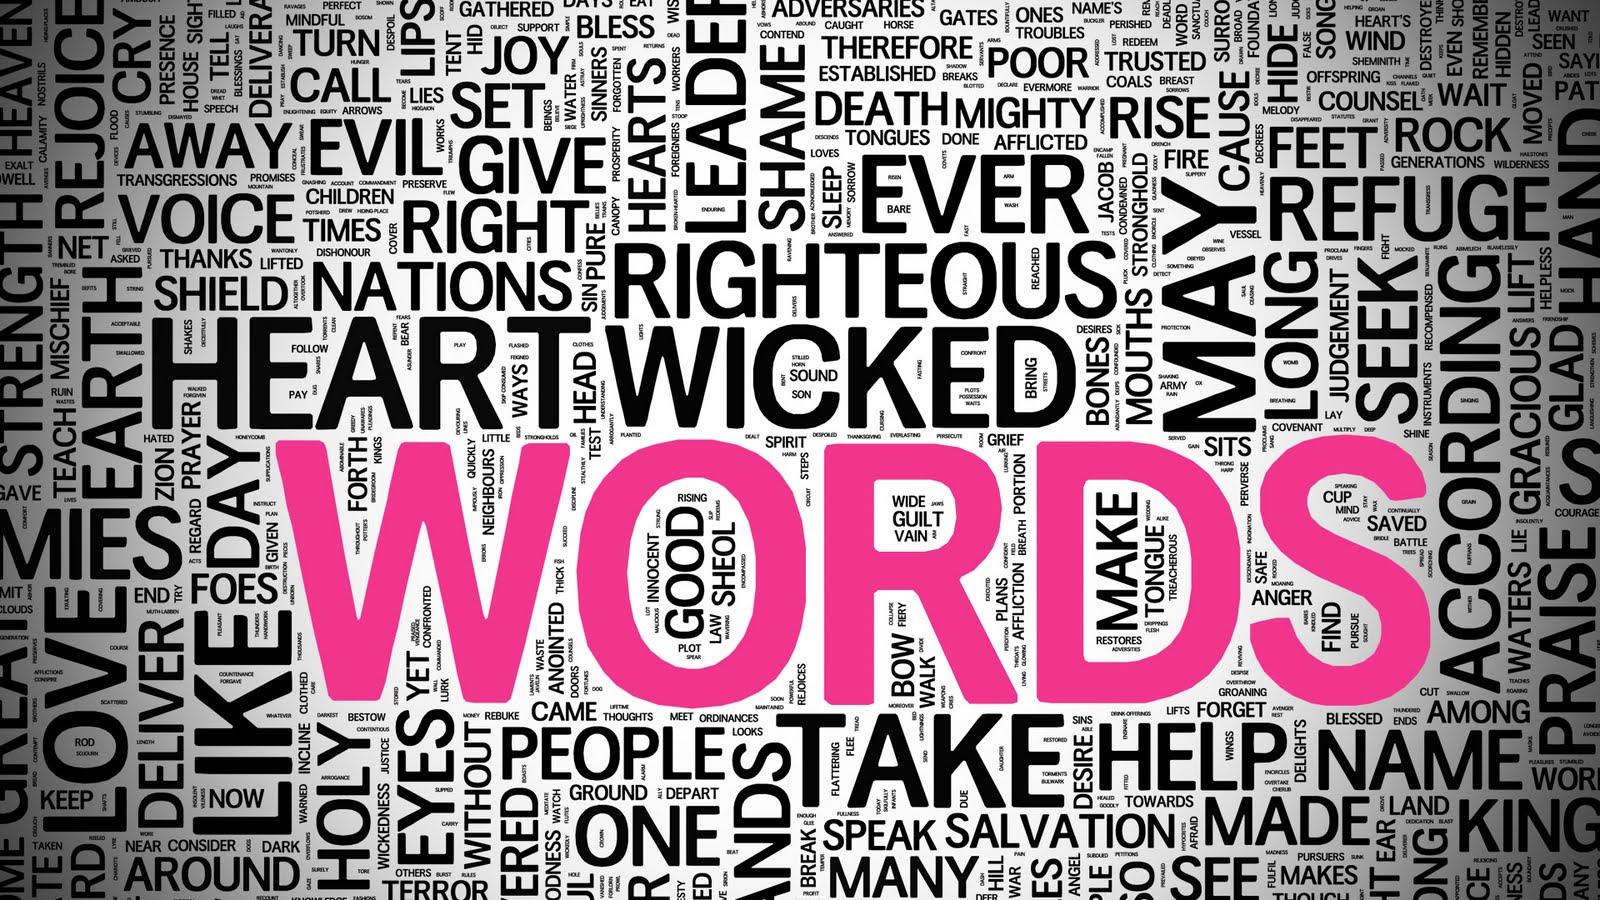 «Слово не воробей — может и убить» или следи за речью: слова и выражения, вызывающие болезни